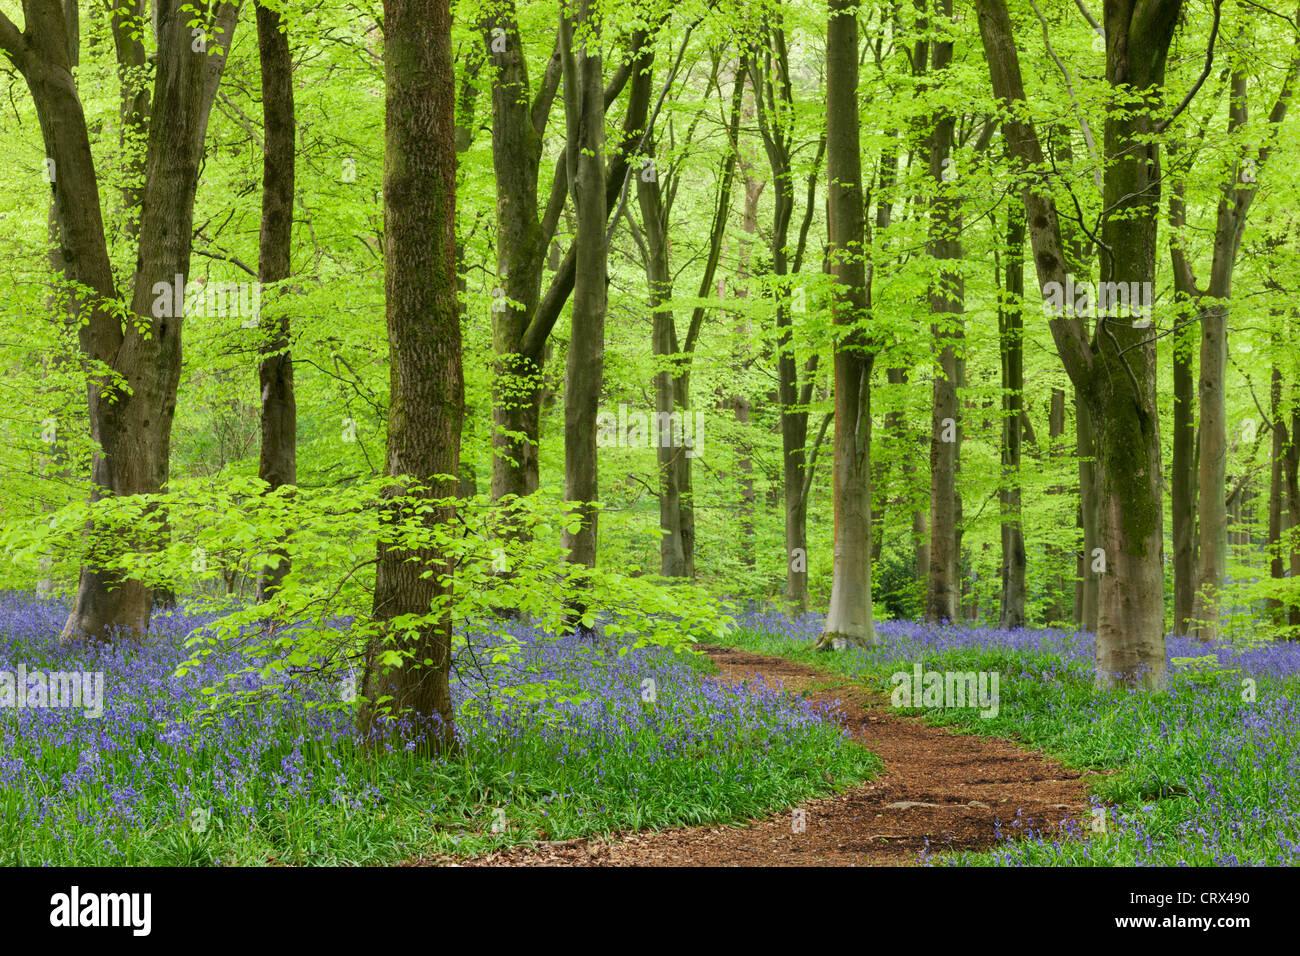 Tapis de jacinthes des bois de hêtre, dans un bois de l'Ouest, Wiltshire, Angleterre. Printemps (mai) 2012. Photo Stock